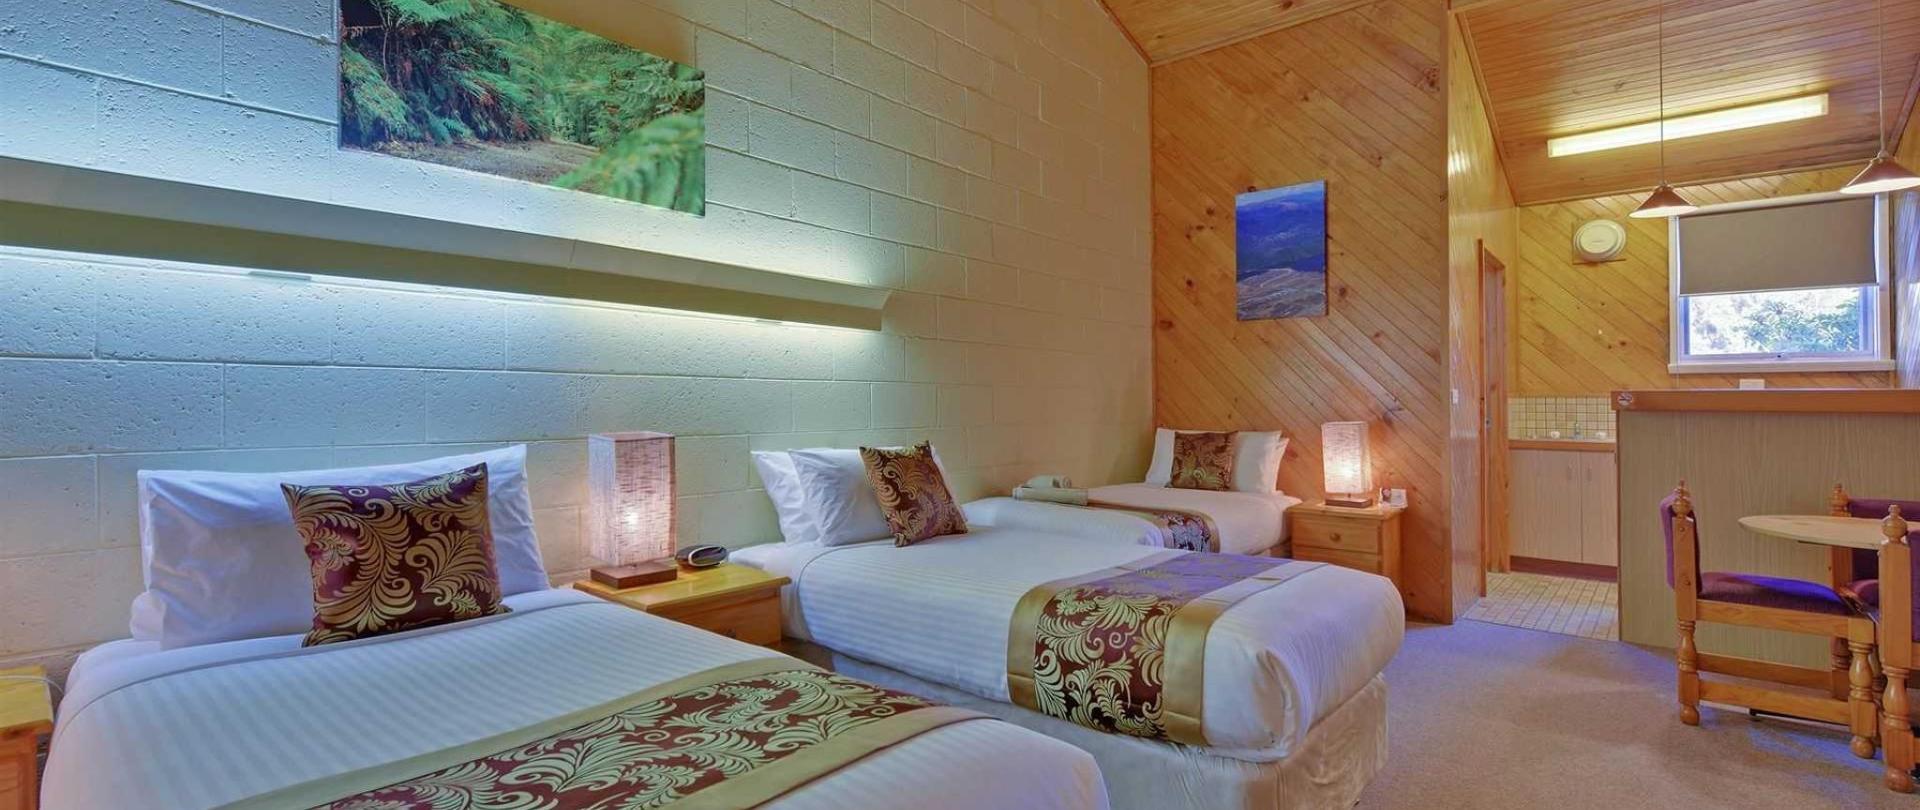 Comfort Inn Gold Rush